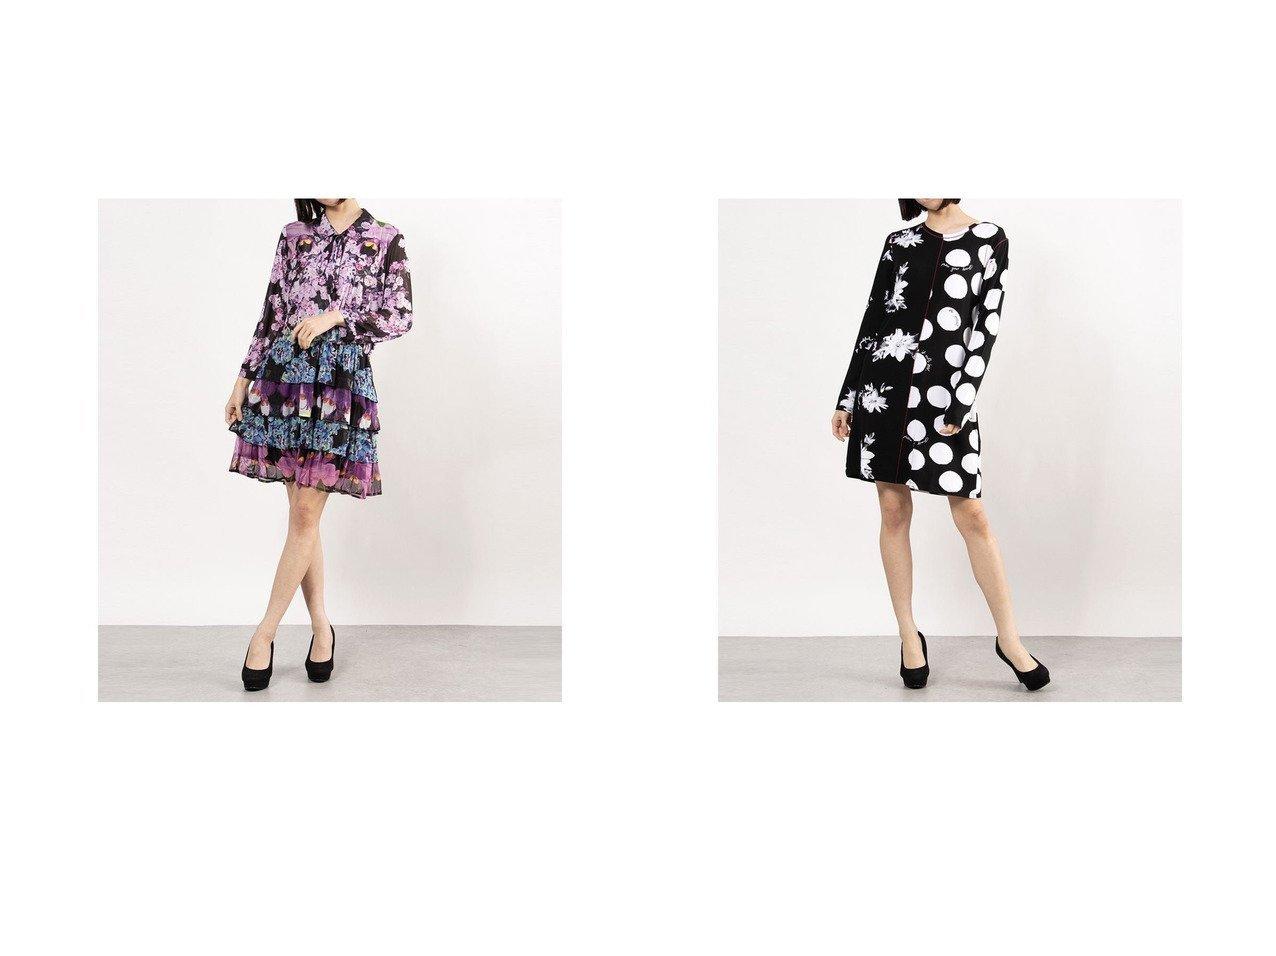 【Desigual/デシグアル】のワンピース長袖 OLIMPIA&ワンピース長袖 MIXRAS 【ワンピース・ドレス】おすすめ!人気、トレンド・レディースファッションの通販 おすすめ人気トレンドファッション通販アイテム インテリア・キッズ・メンズ・レディースファッション・服の通販 founy(ファニー)  ファッション Fashion レディースファッション WOMEN ワンピース Dress 2021年 2021 2021春夏・S/S SS/Spring/Summer/2021 S/S・春夏 SS・Spring/Summer 春 Spring 長袖 ブラック系 Black |ID:crp329100000028758